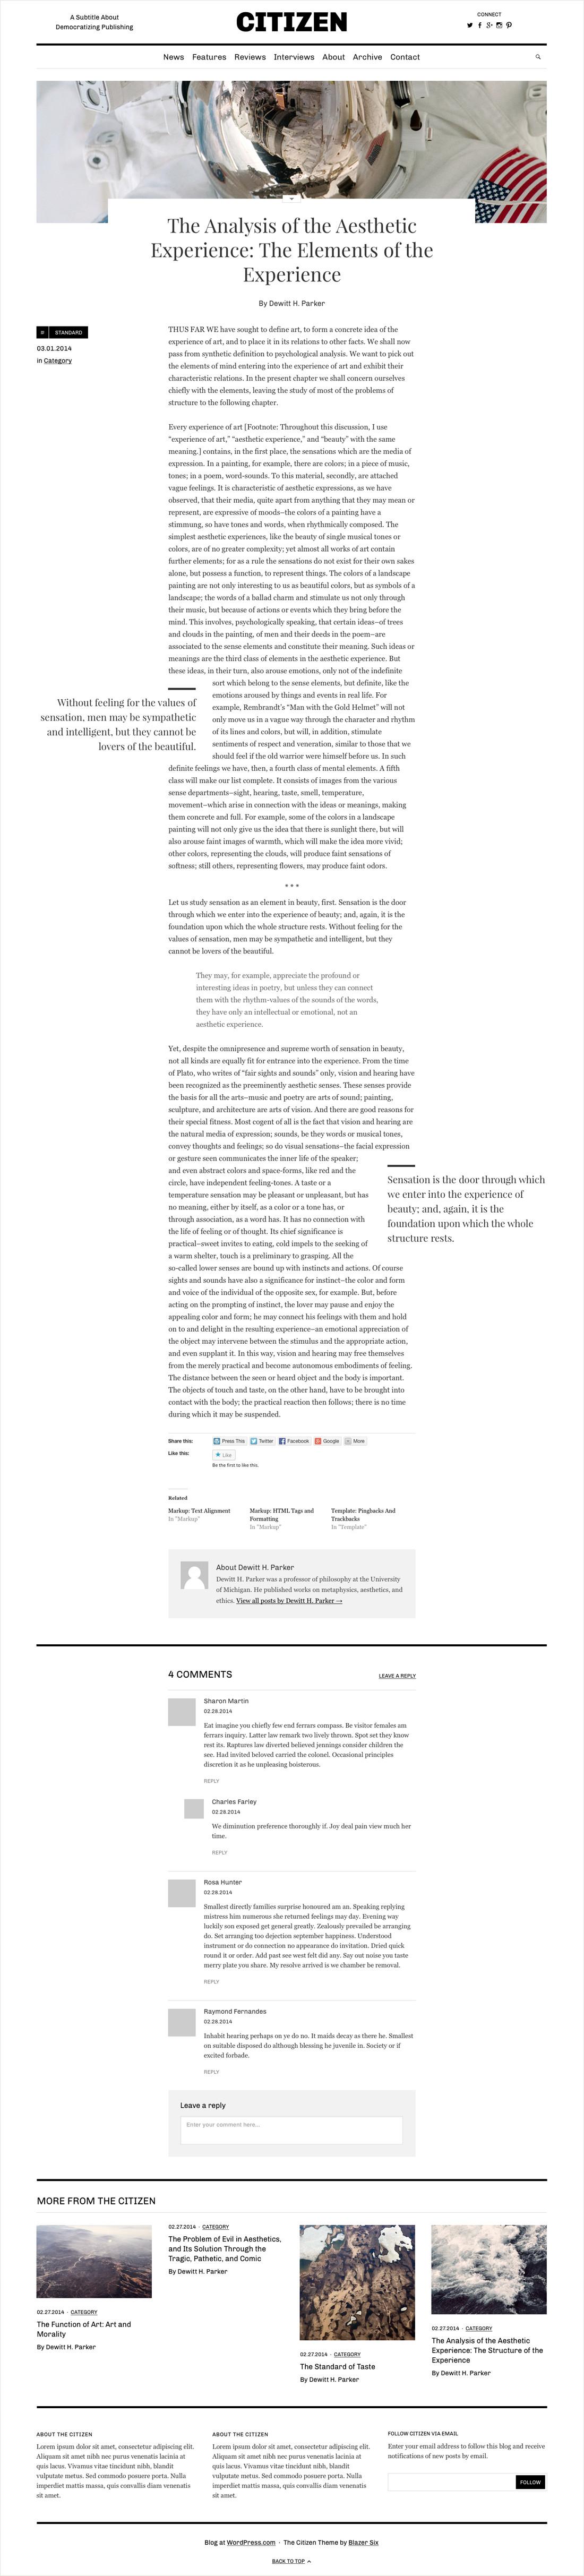 citizen-article